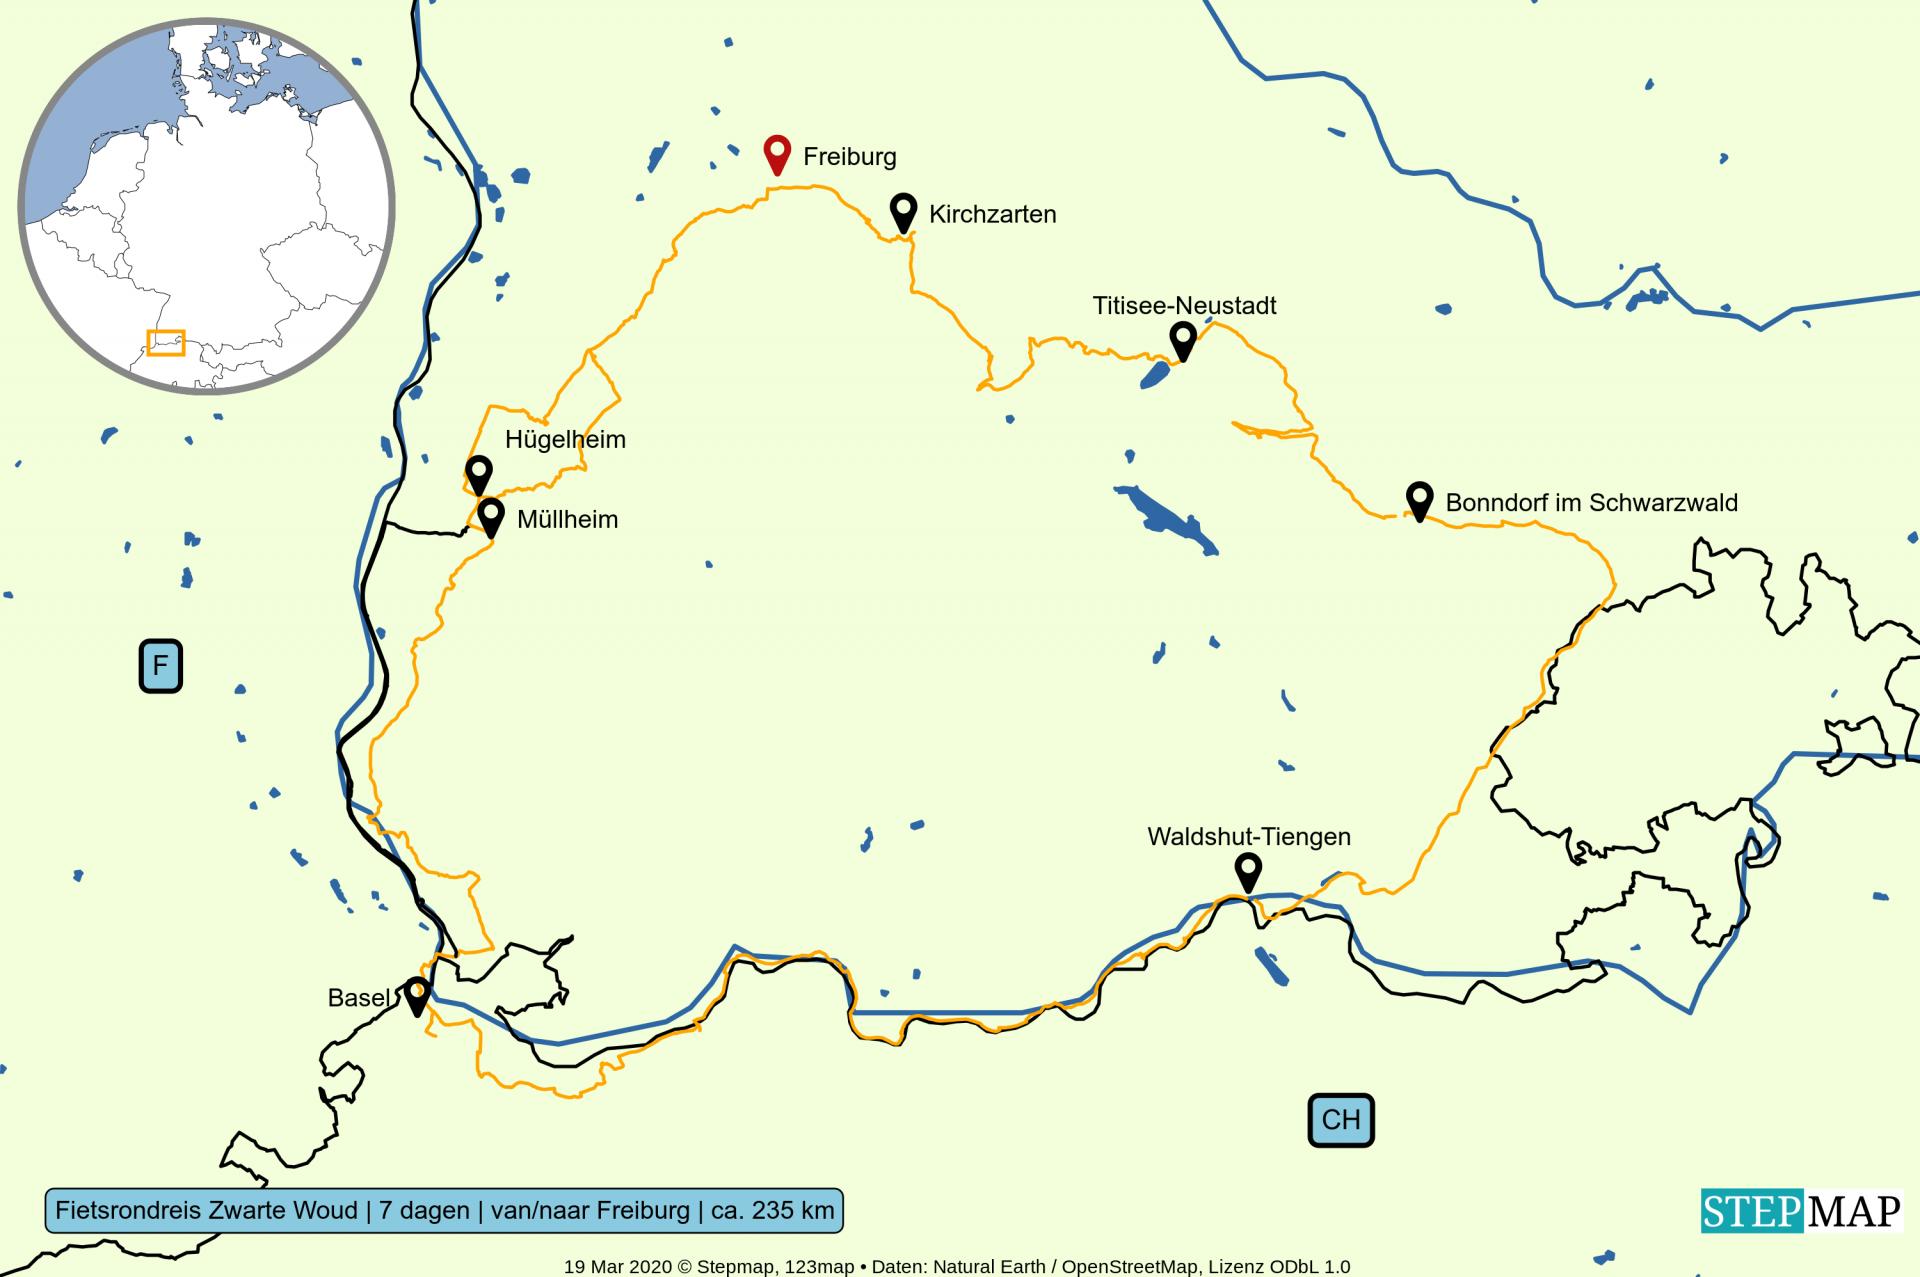 Kaart Fietsrondreis-Zwarte-Woud-van-naar-Freiburg